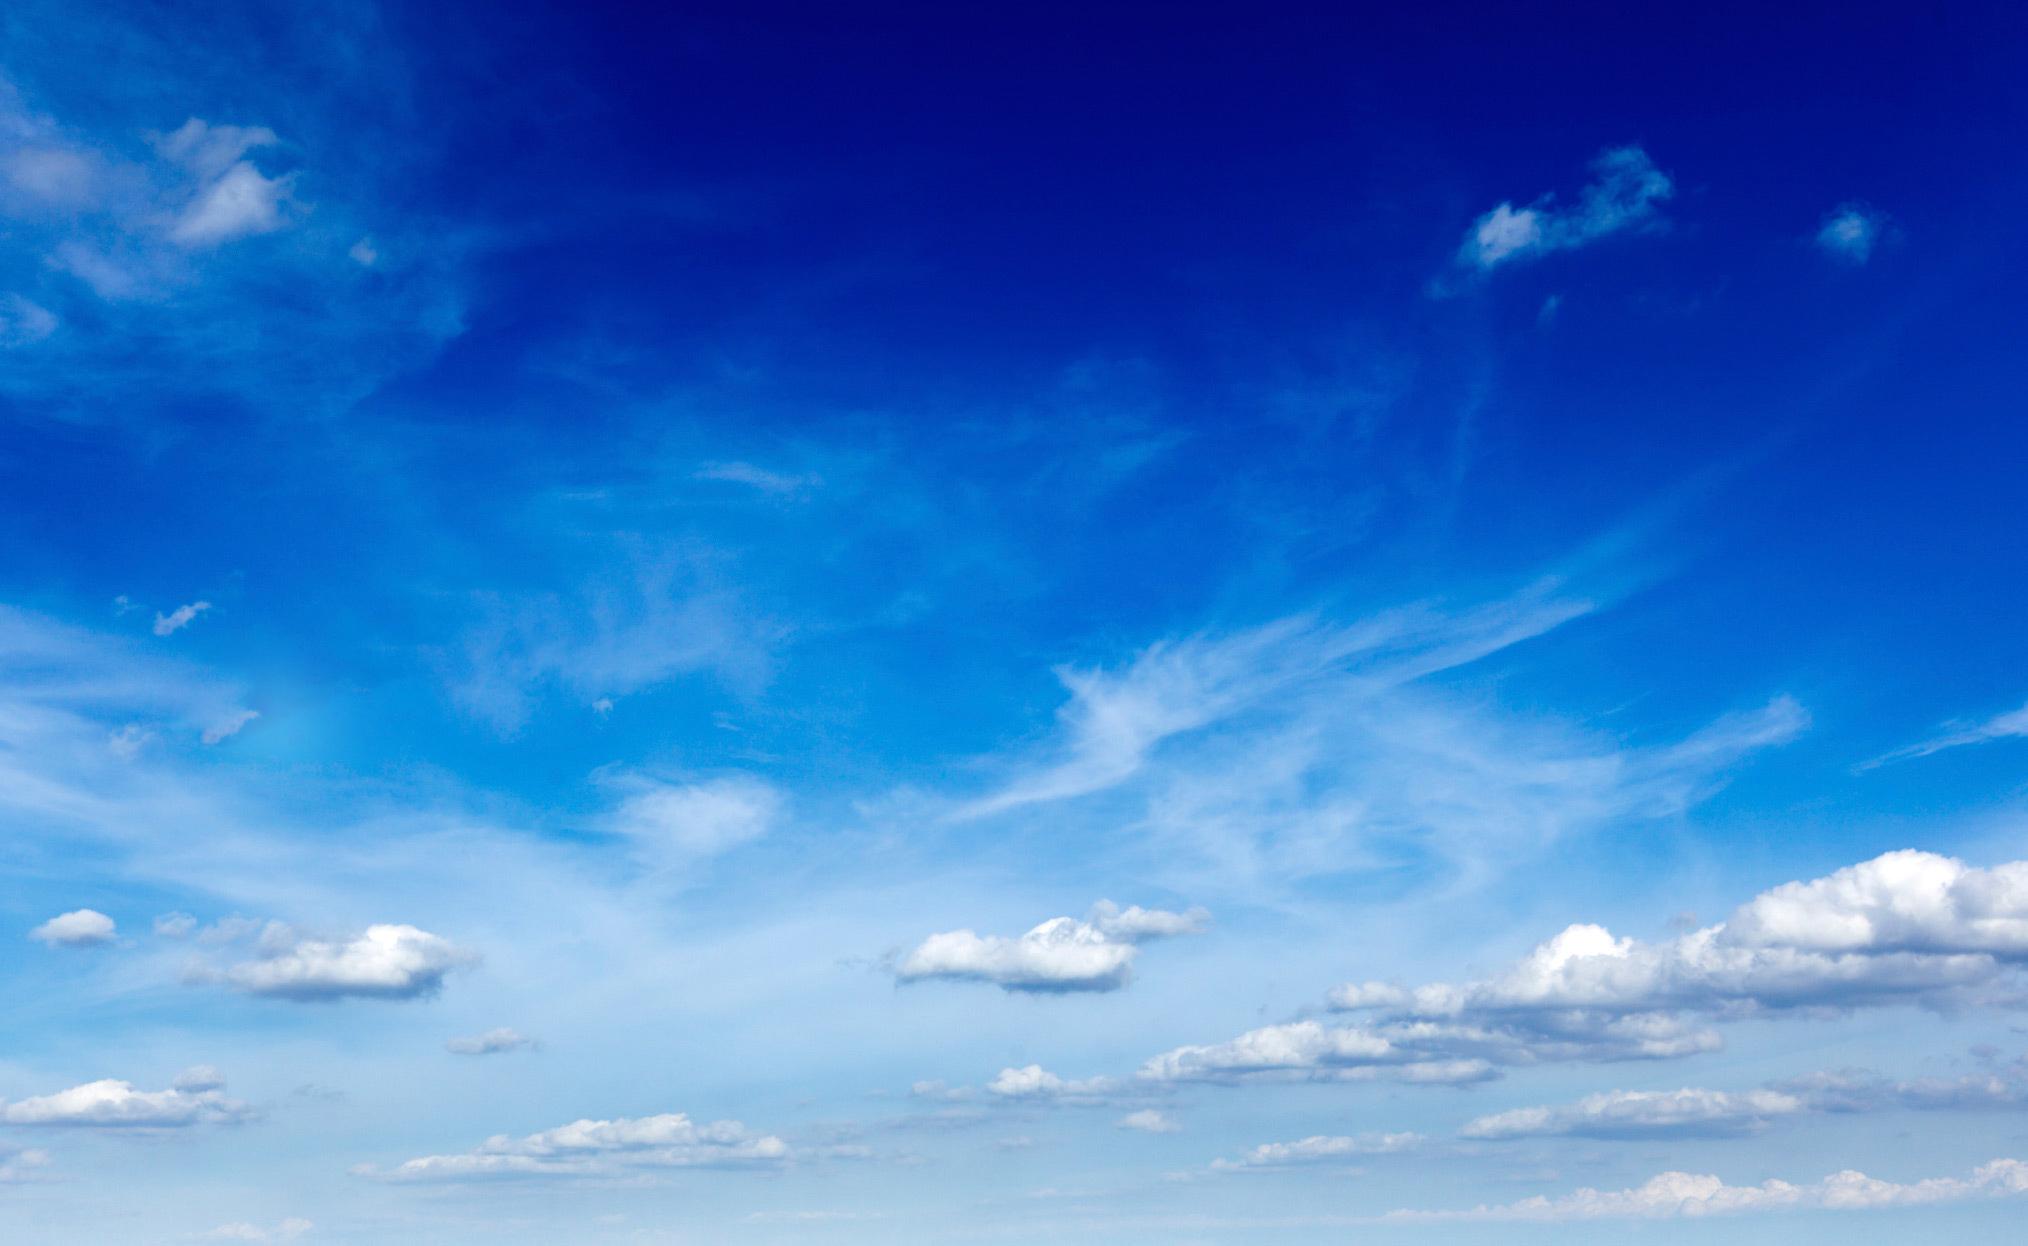 Sky Picture 9406  Hdwpro